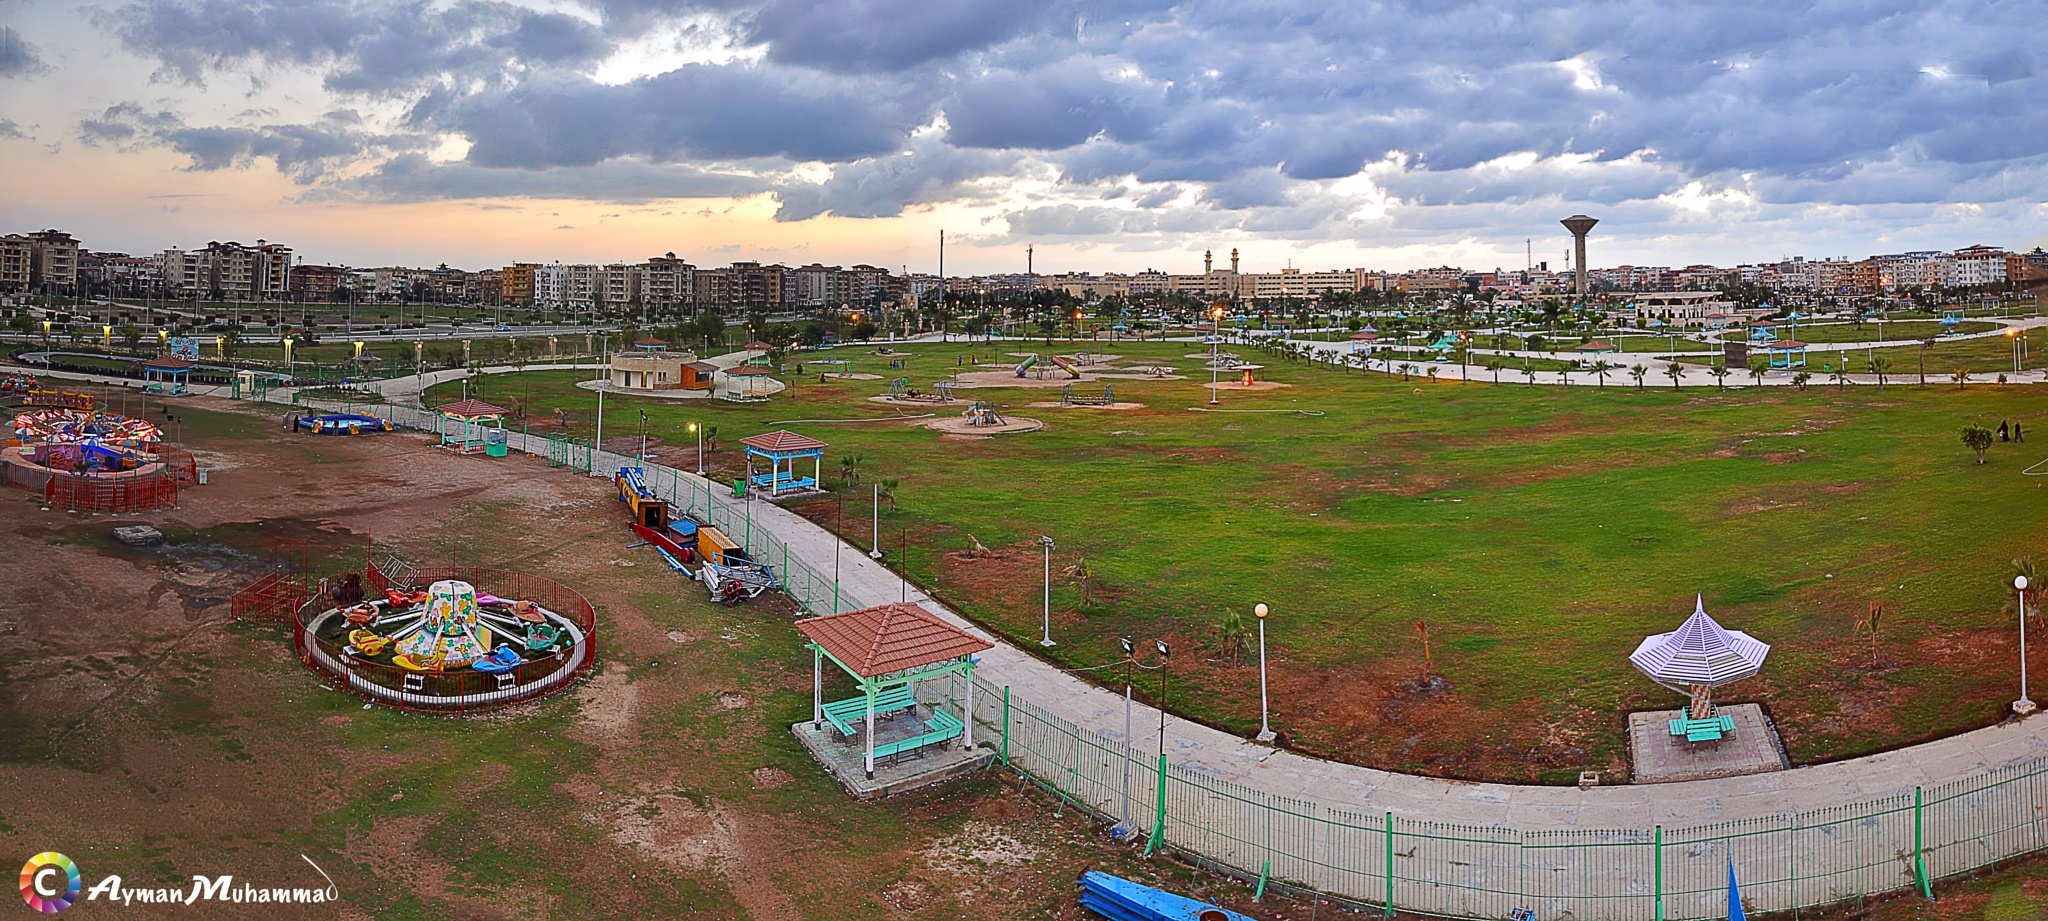 Garden Suset Panorama by AymanMuhammad